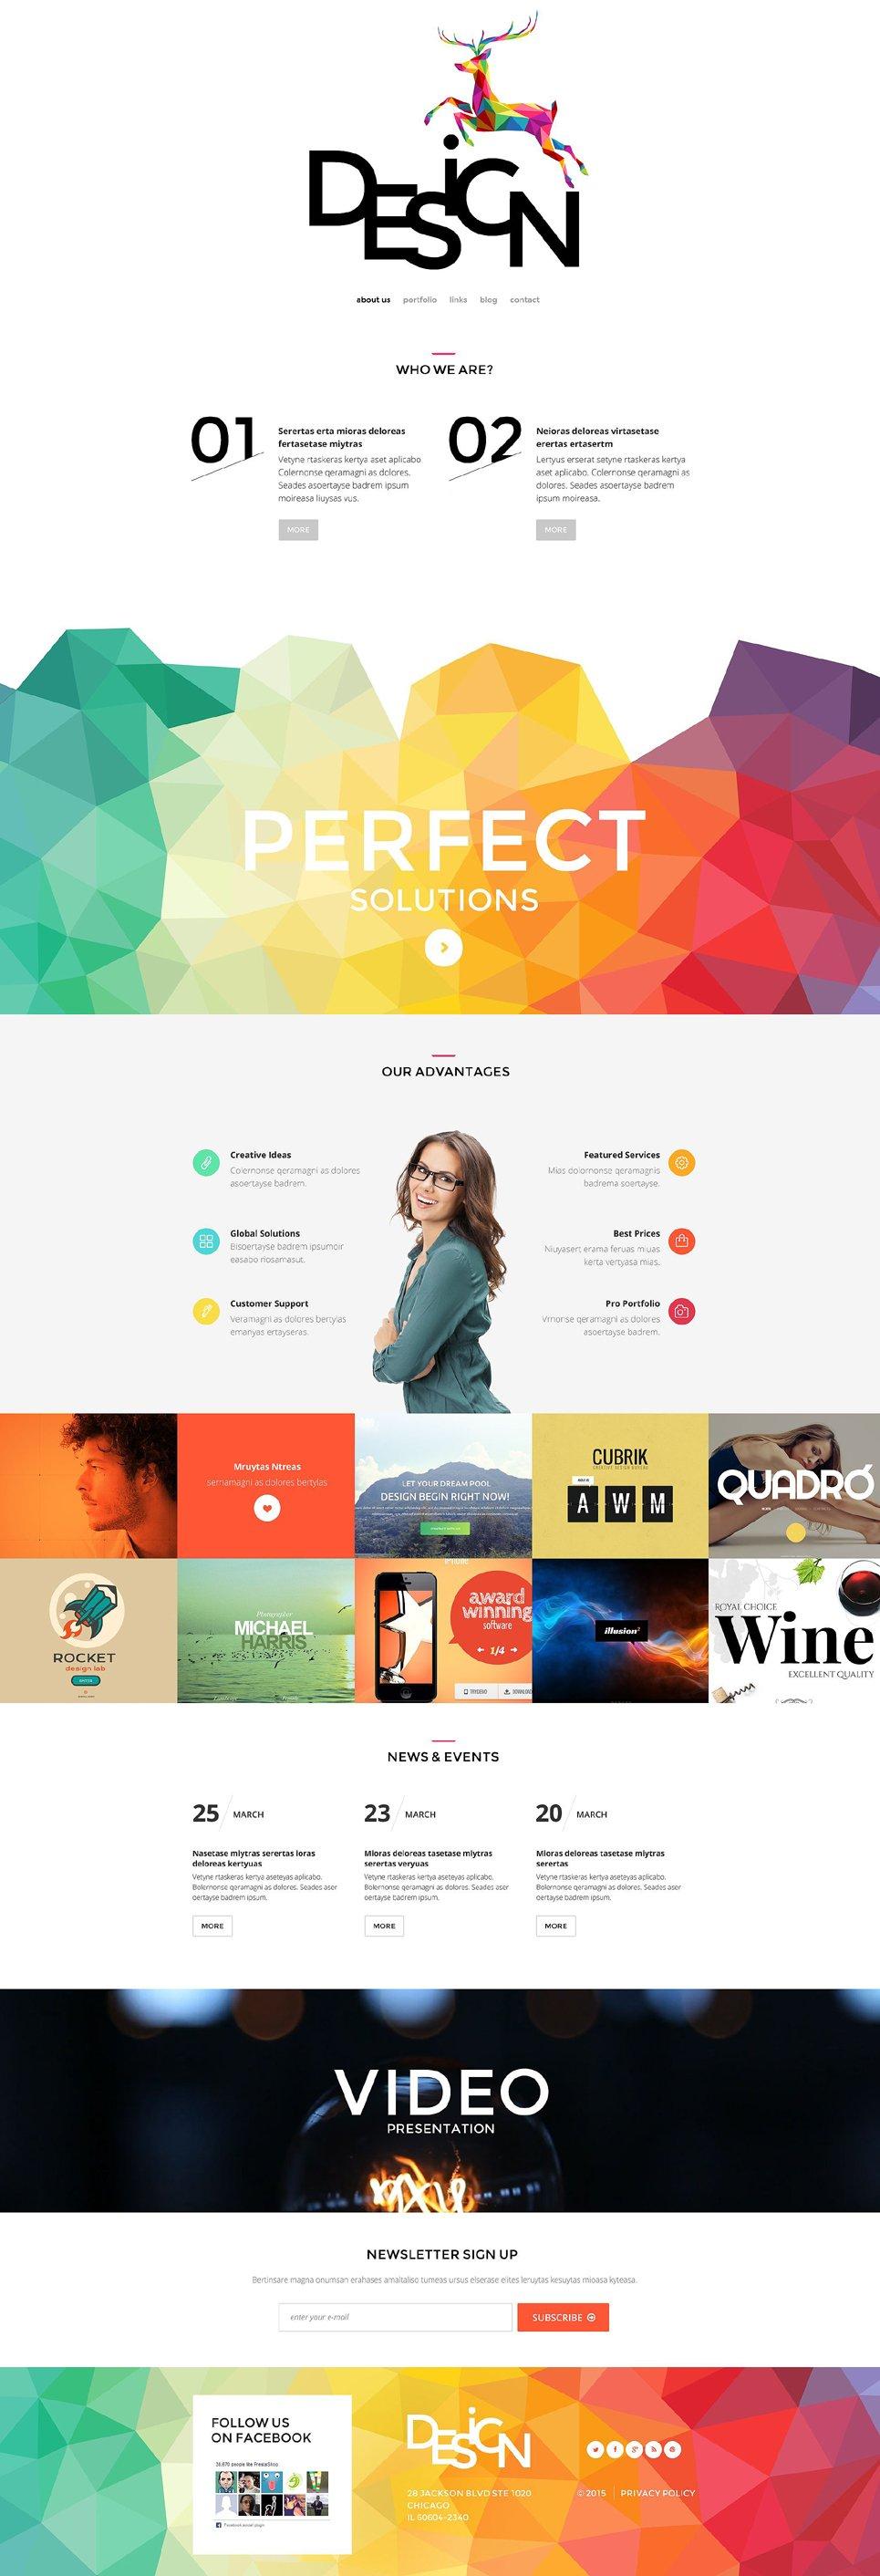 Адаптивный шаблон сайта на тему веб-дизайн #55050